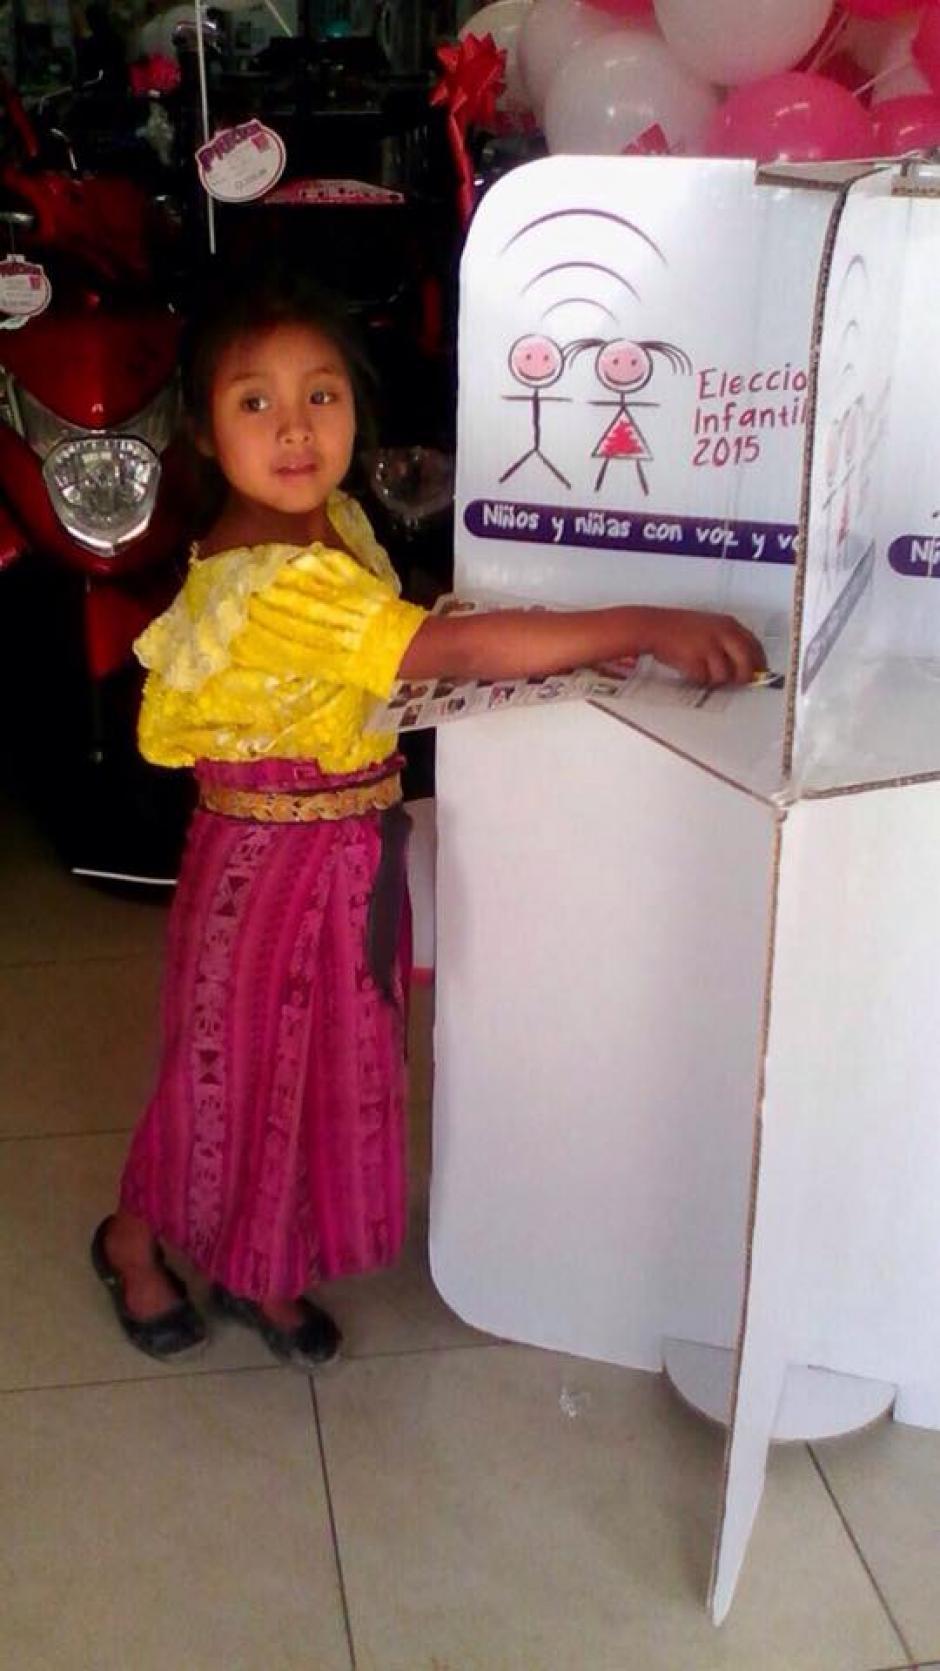 Una niña emitió su voto en Quetzaltenango, imitando a los adultos que eligieron autoridades este domingo. (Foto: Elecciones Infantiles)